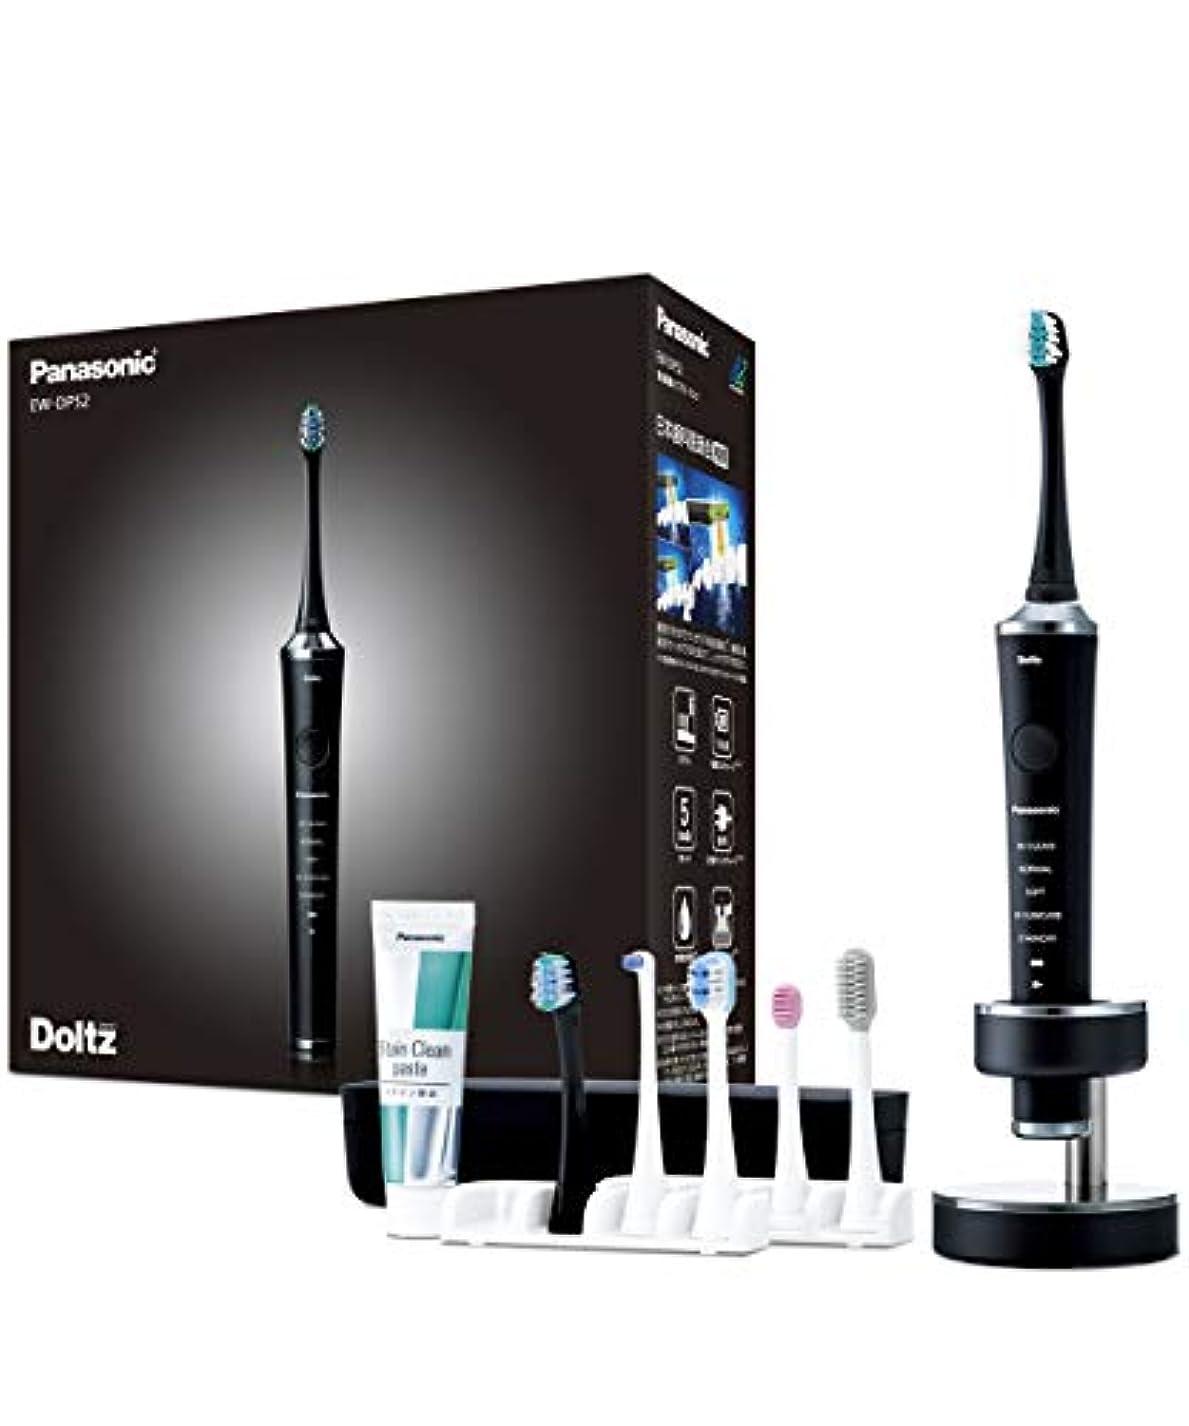 親愛な見込みカスタムパナソニック 電動歯ブラシ ドルツ 黒 EW-DP52-K